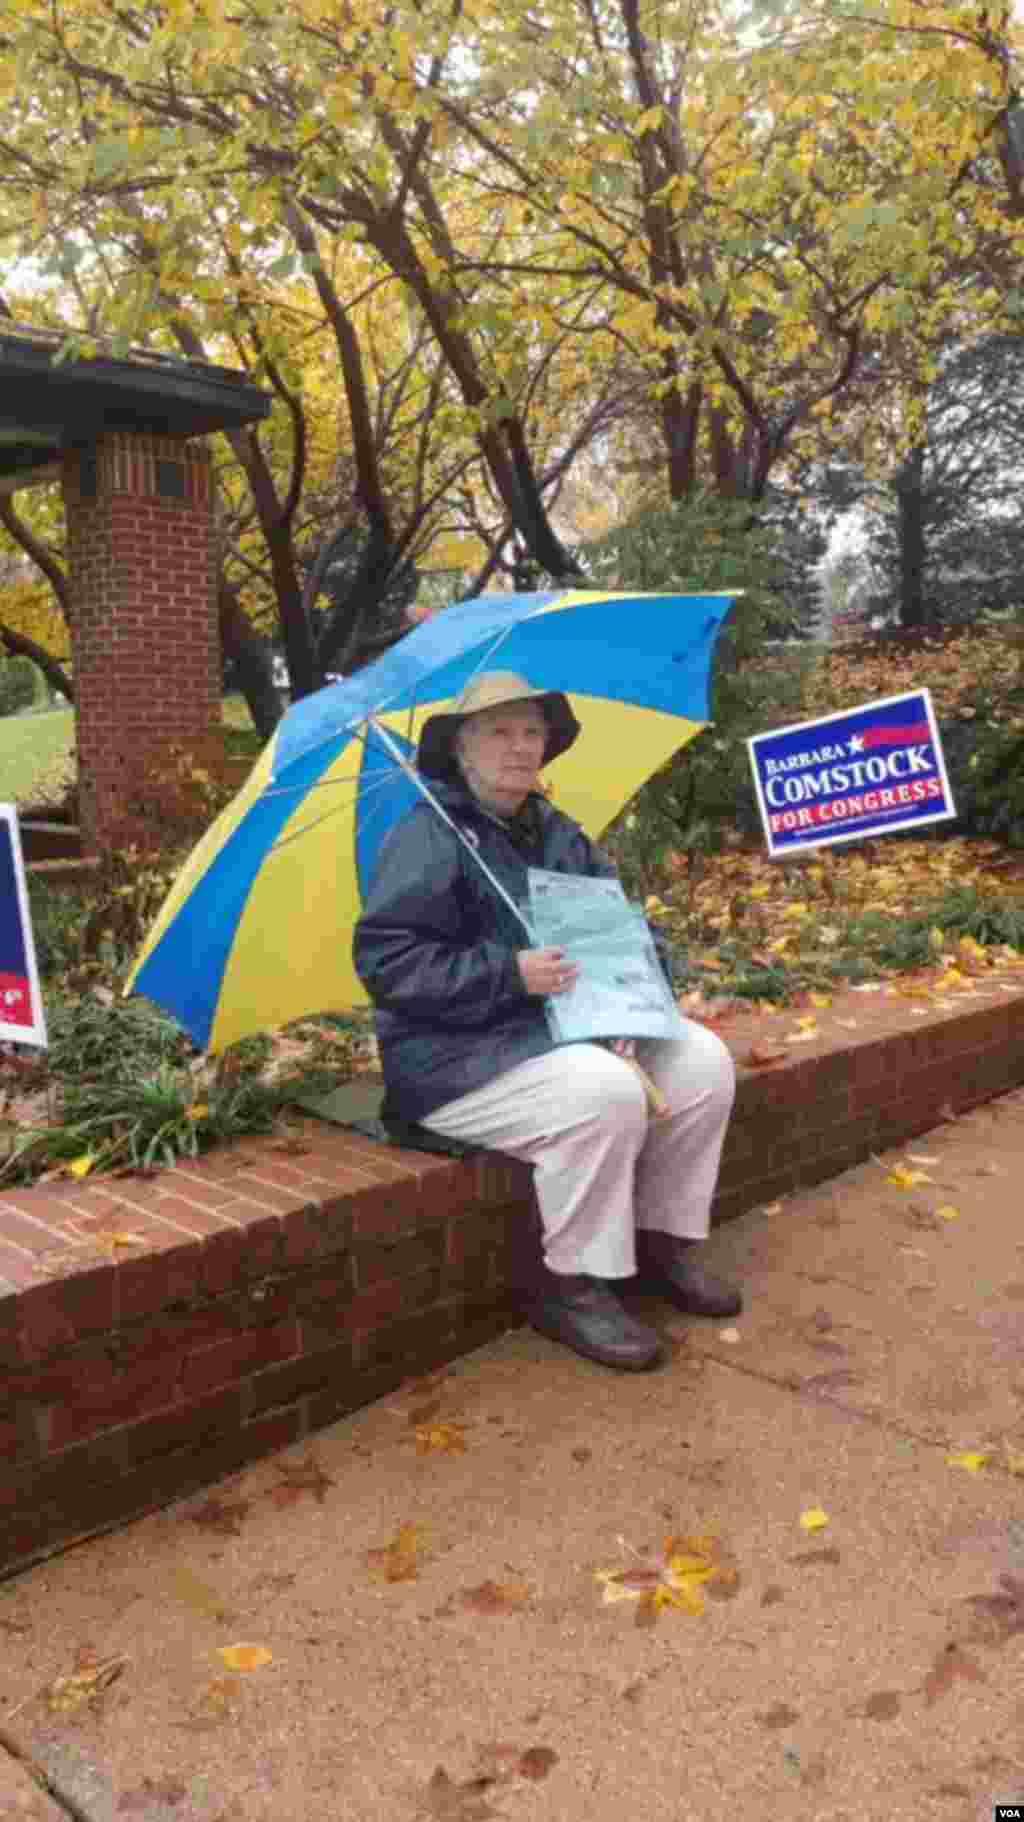 支持民主党的志愿者在雨中等待向选民分发民主党选票。 (美国之音魏之拍摄)